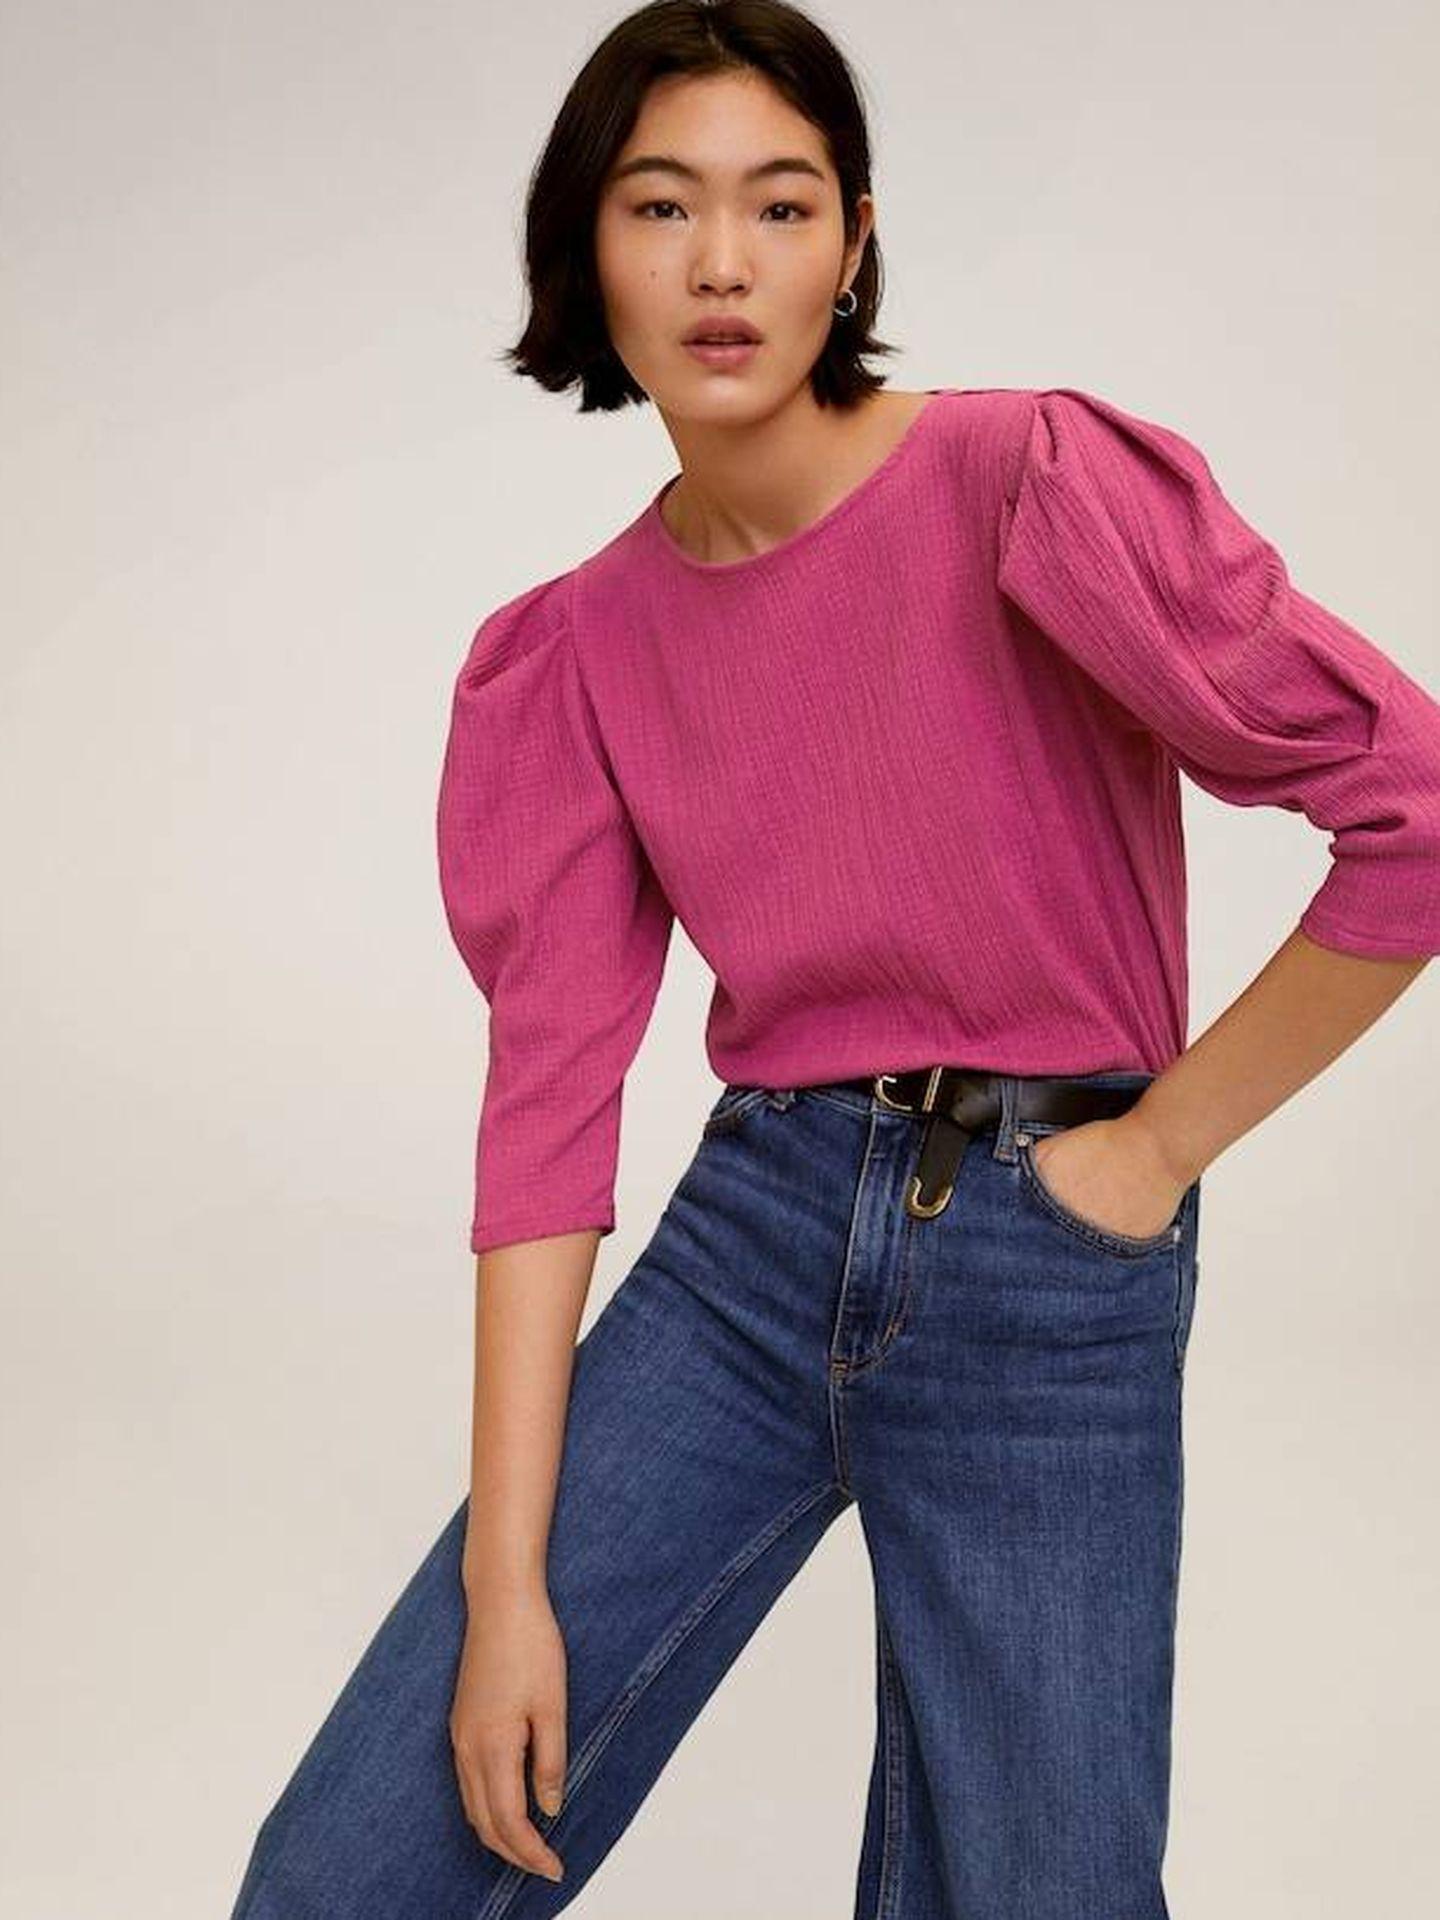 Blusa de mangas abullonadas de Mango Outlet. (Cortesía)